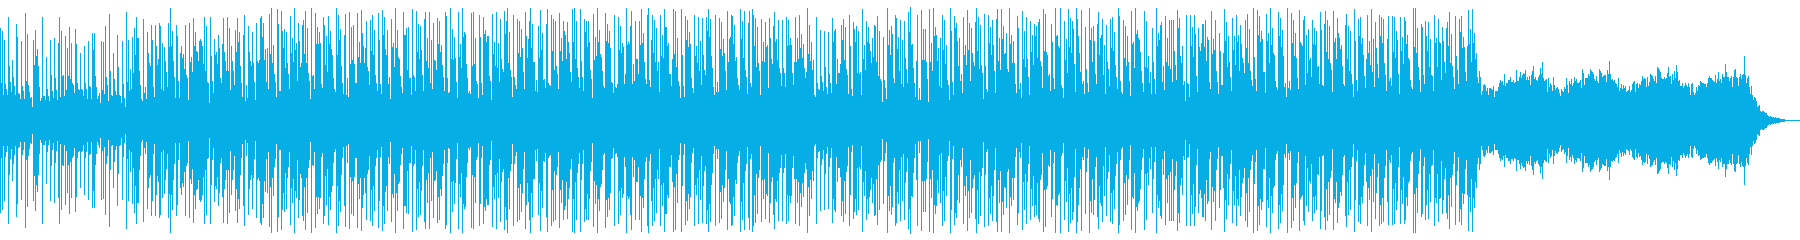 幻想的で夢の中にいるようなトラップビートの再生済みの波形